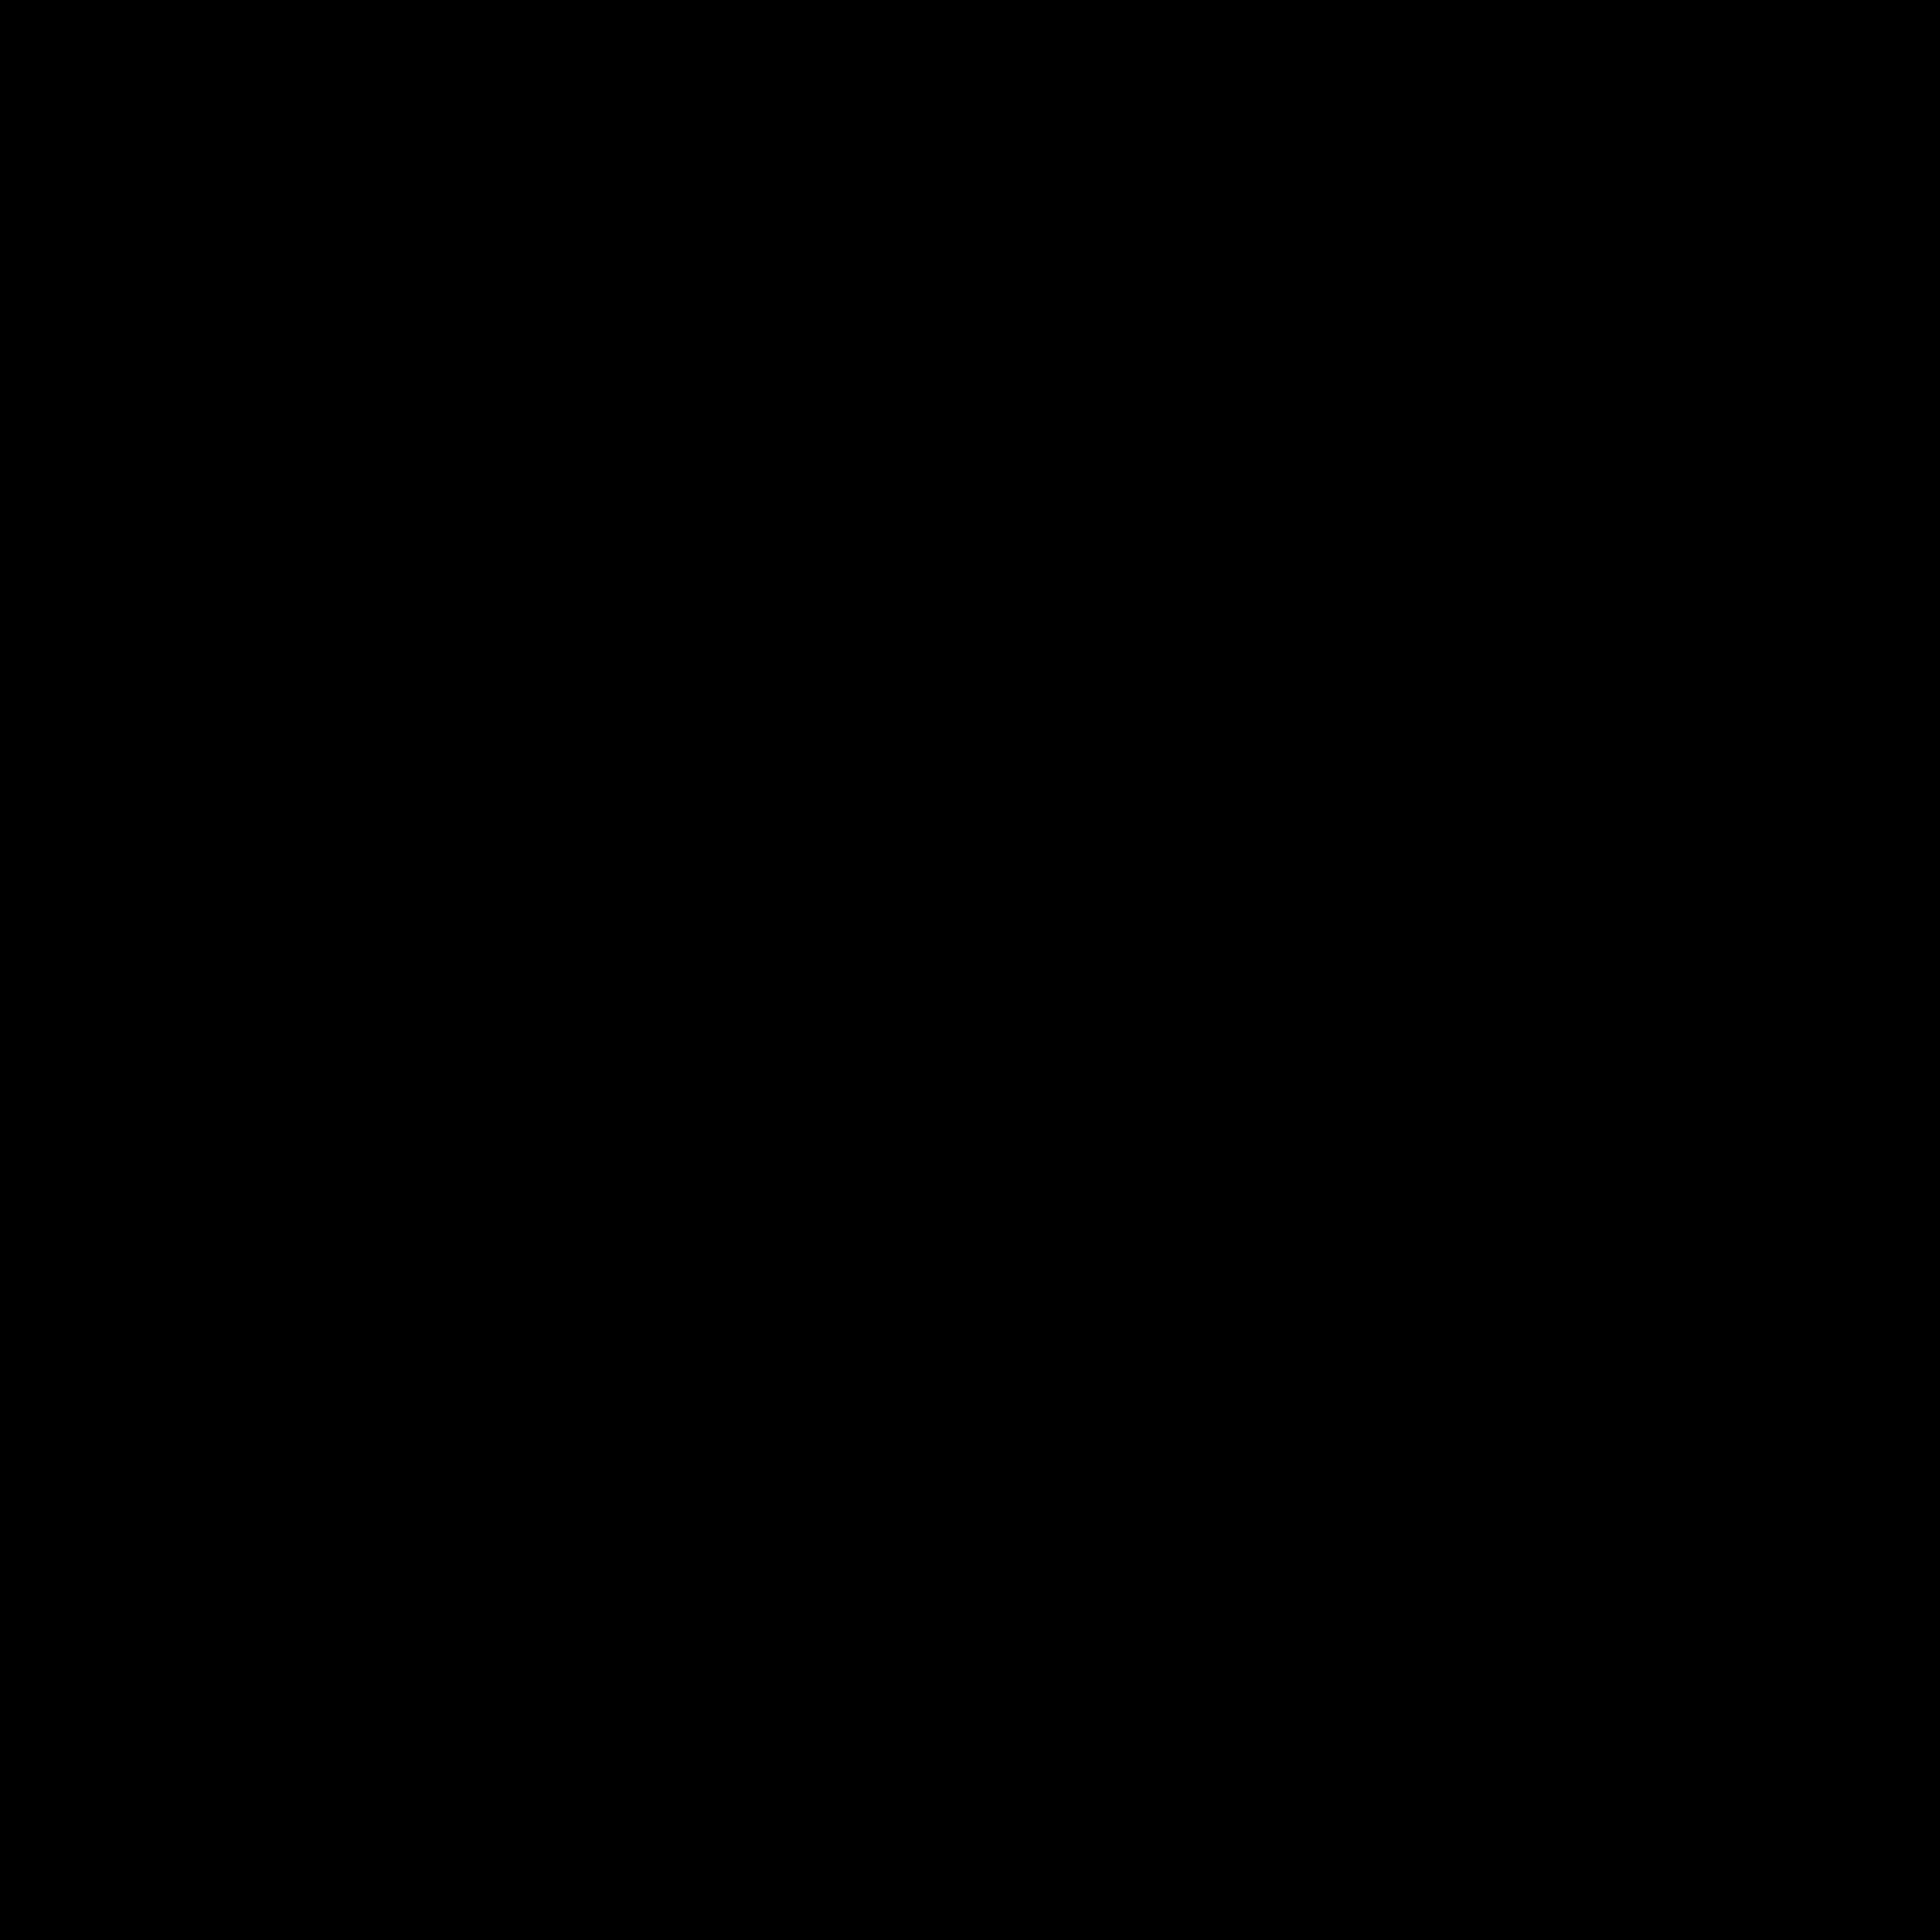 2000x2000 Plain Black Border Clipart